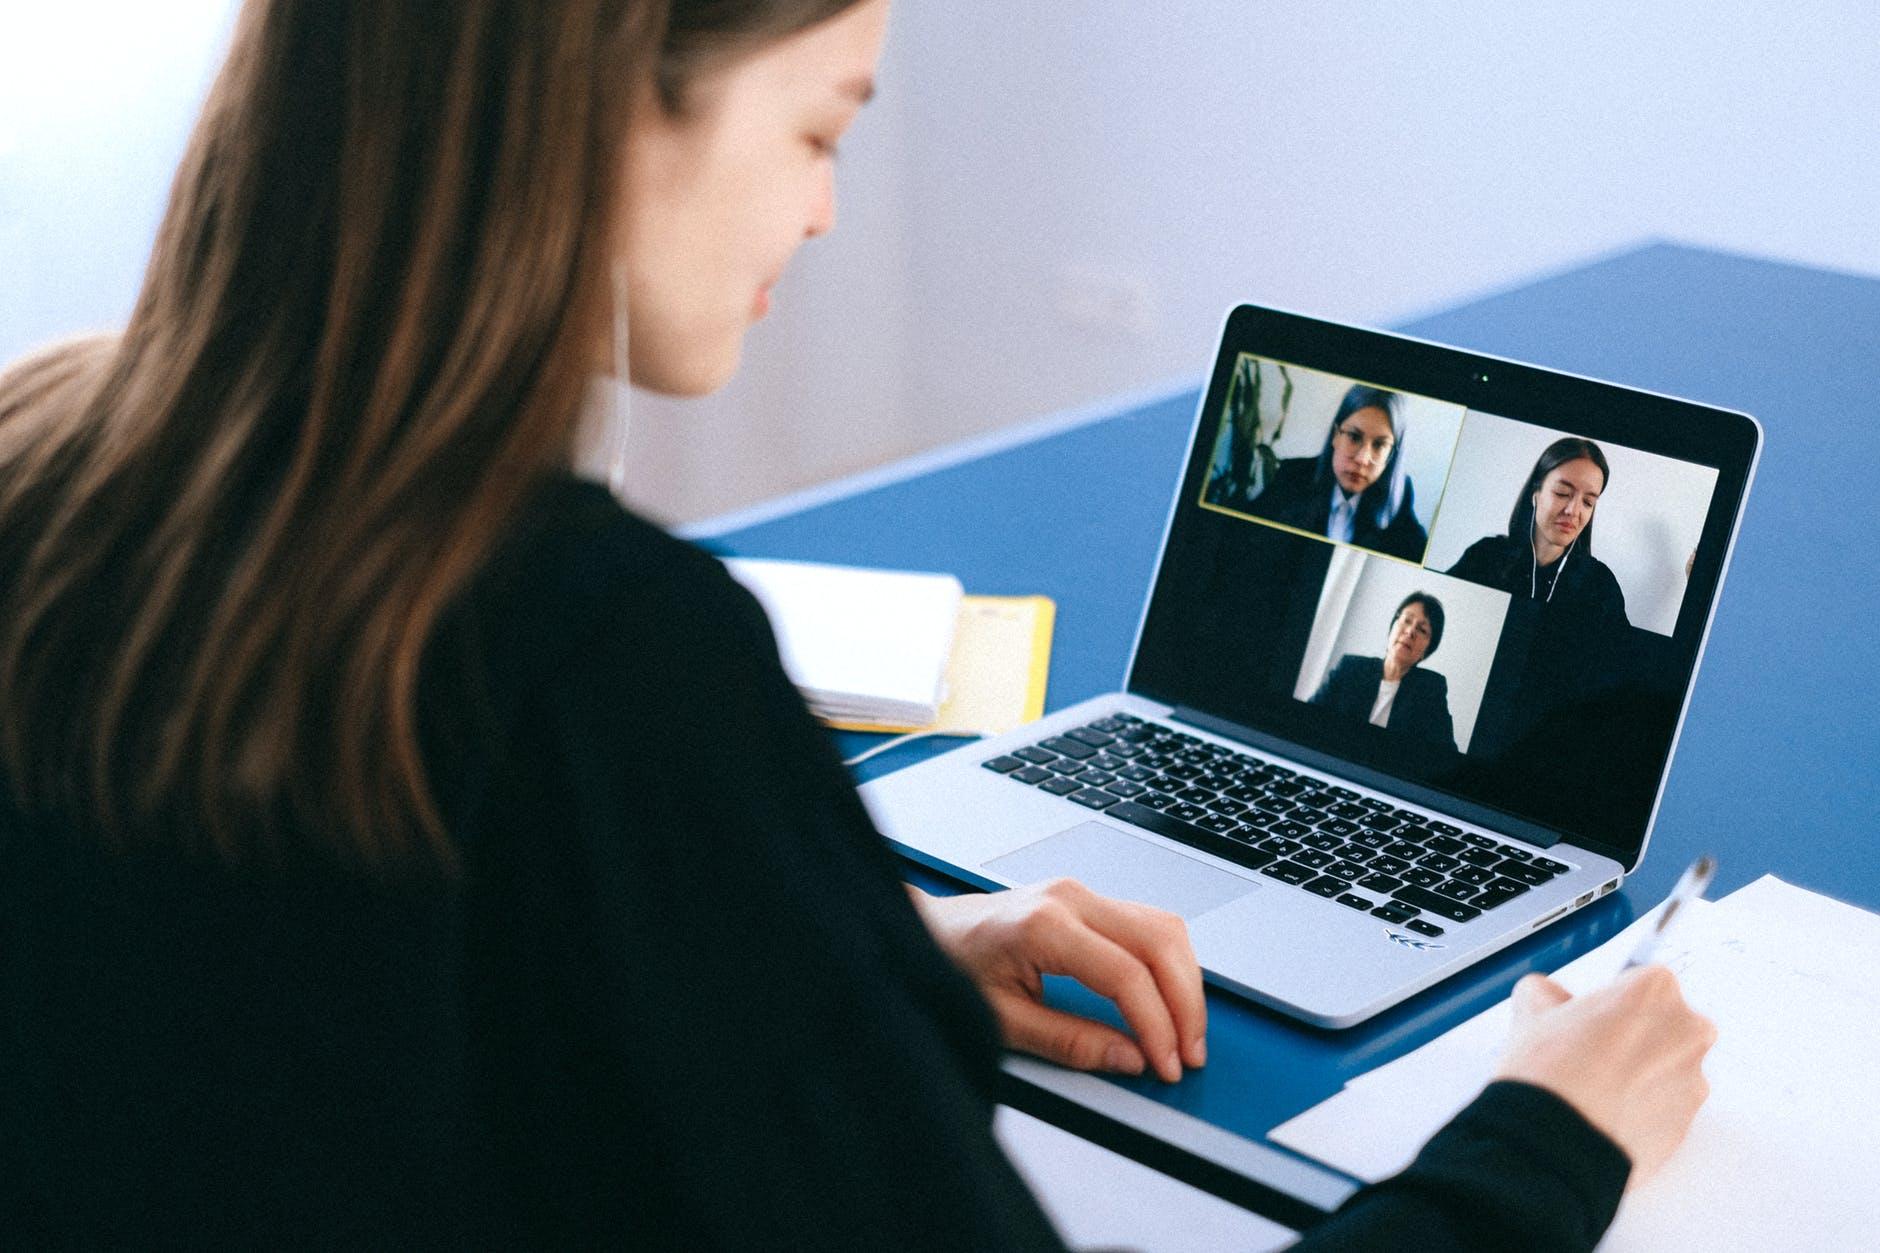 Cum iti schimbi numele de utilizator pe Skype